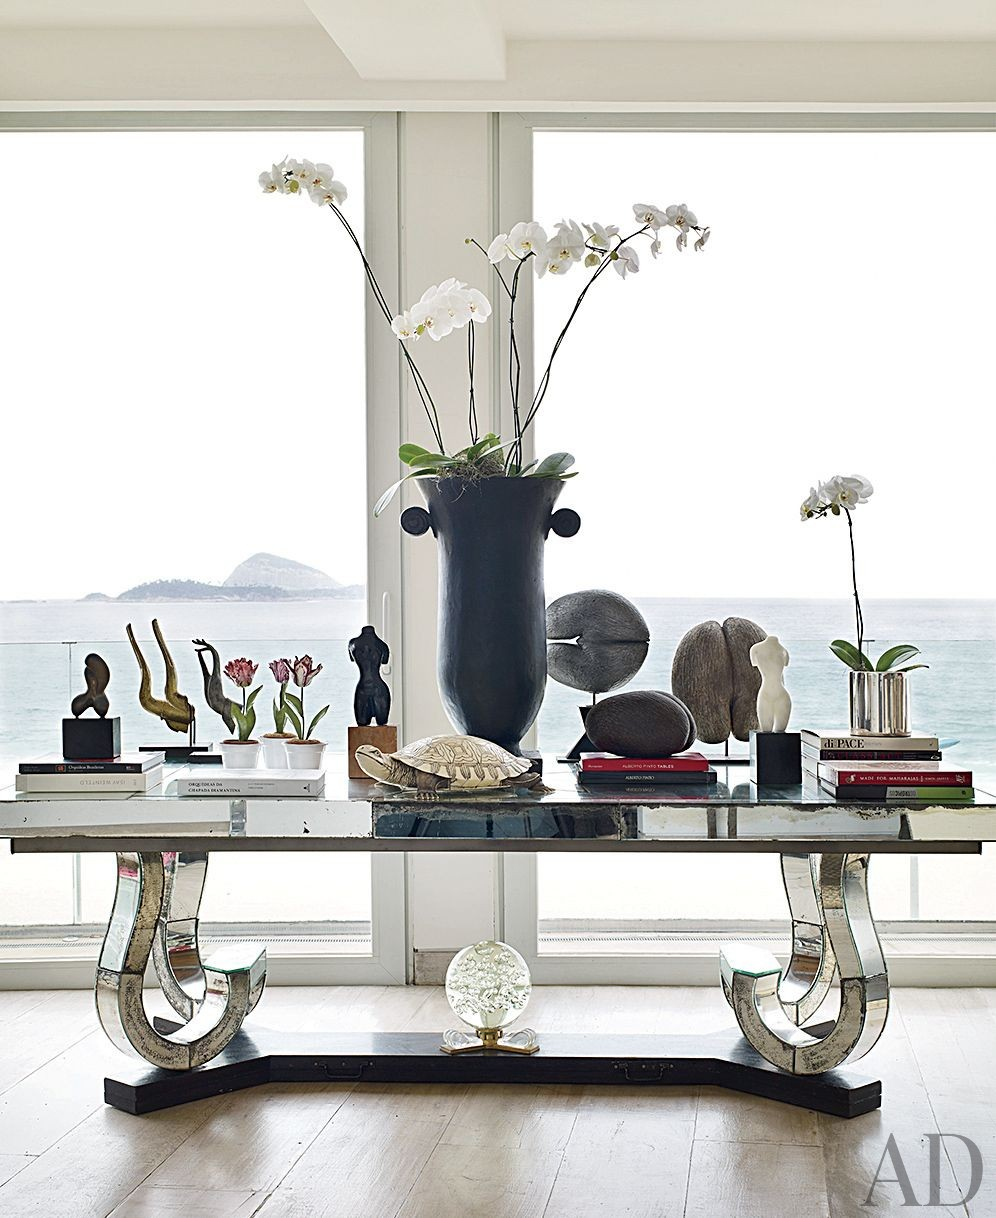 Contemporary Living Room by Alberto Pinto and Bernardes + Jacobsen Arquitectura in Rio de Janeiro, Brazil